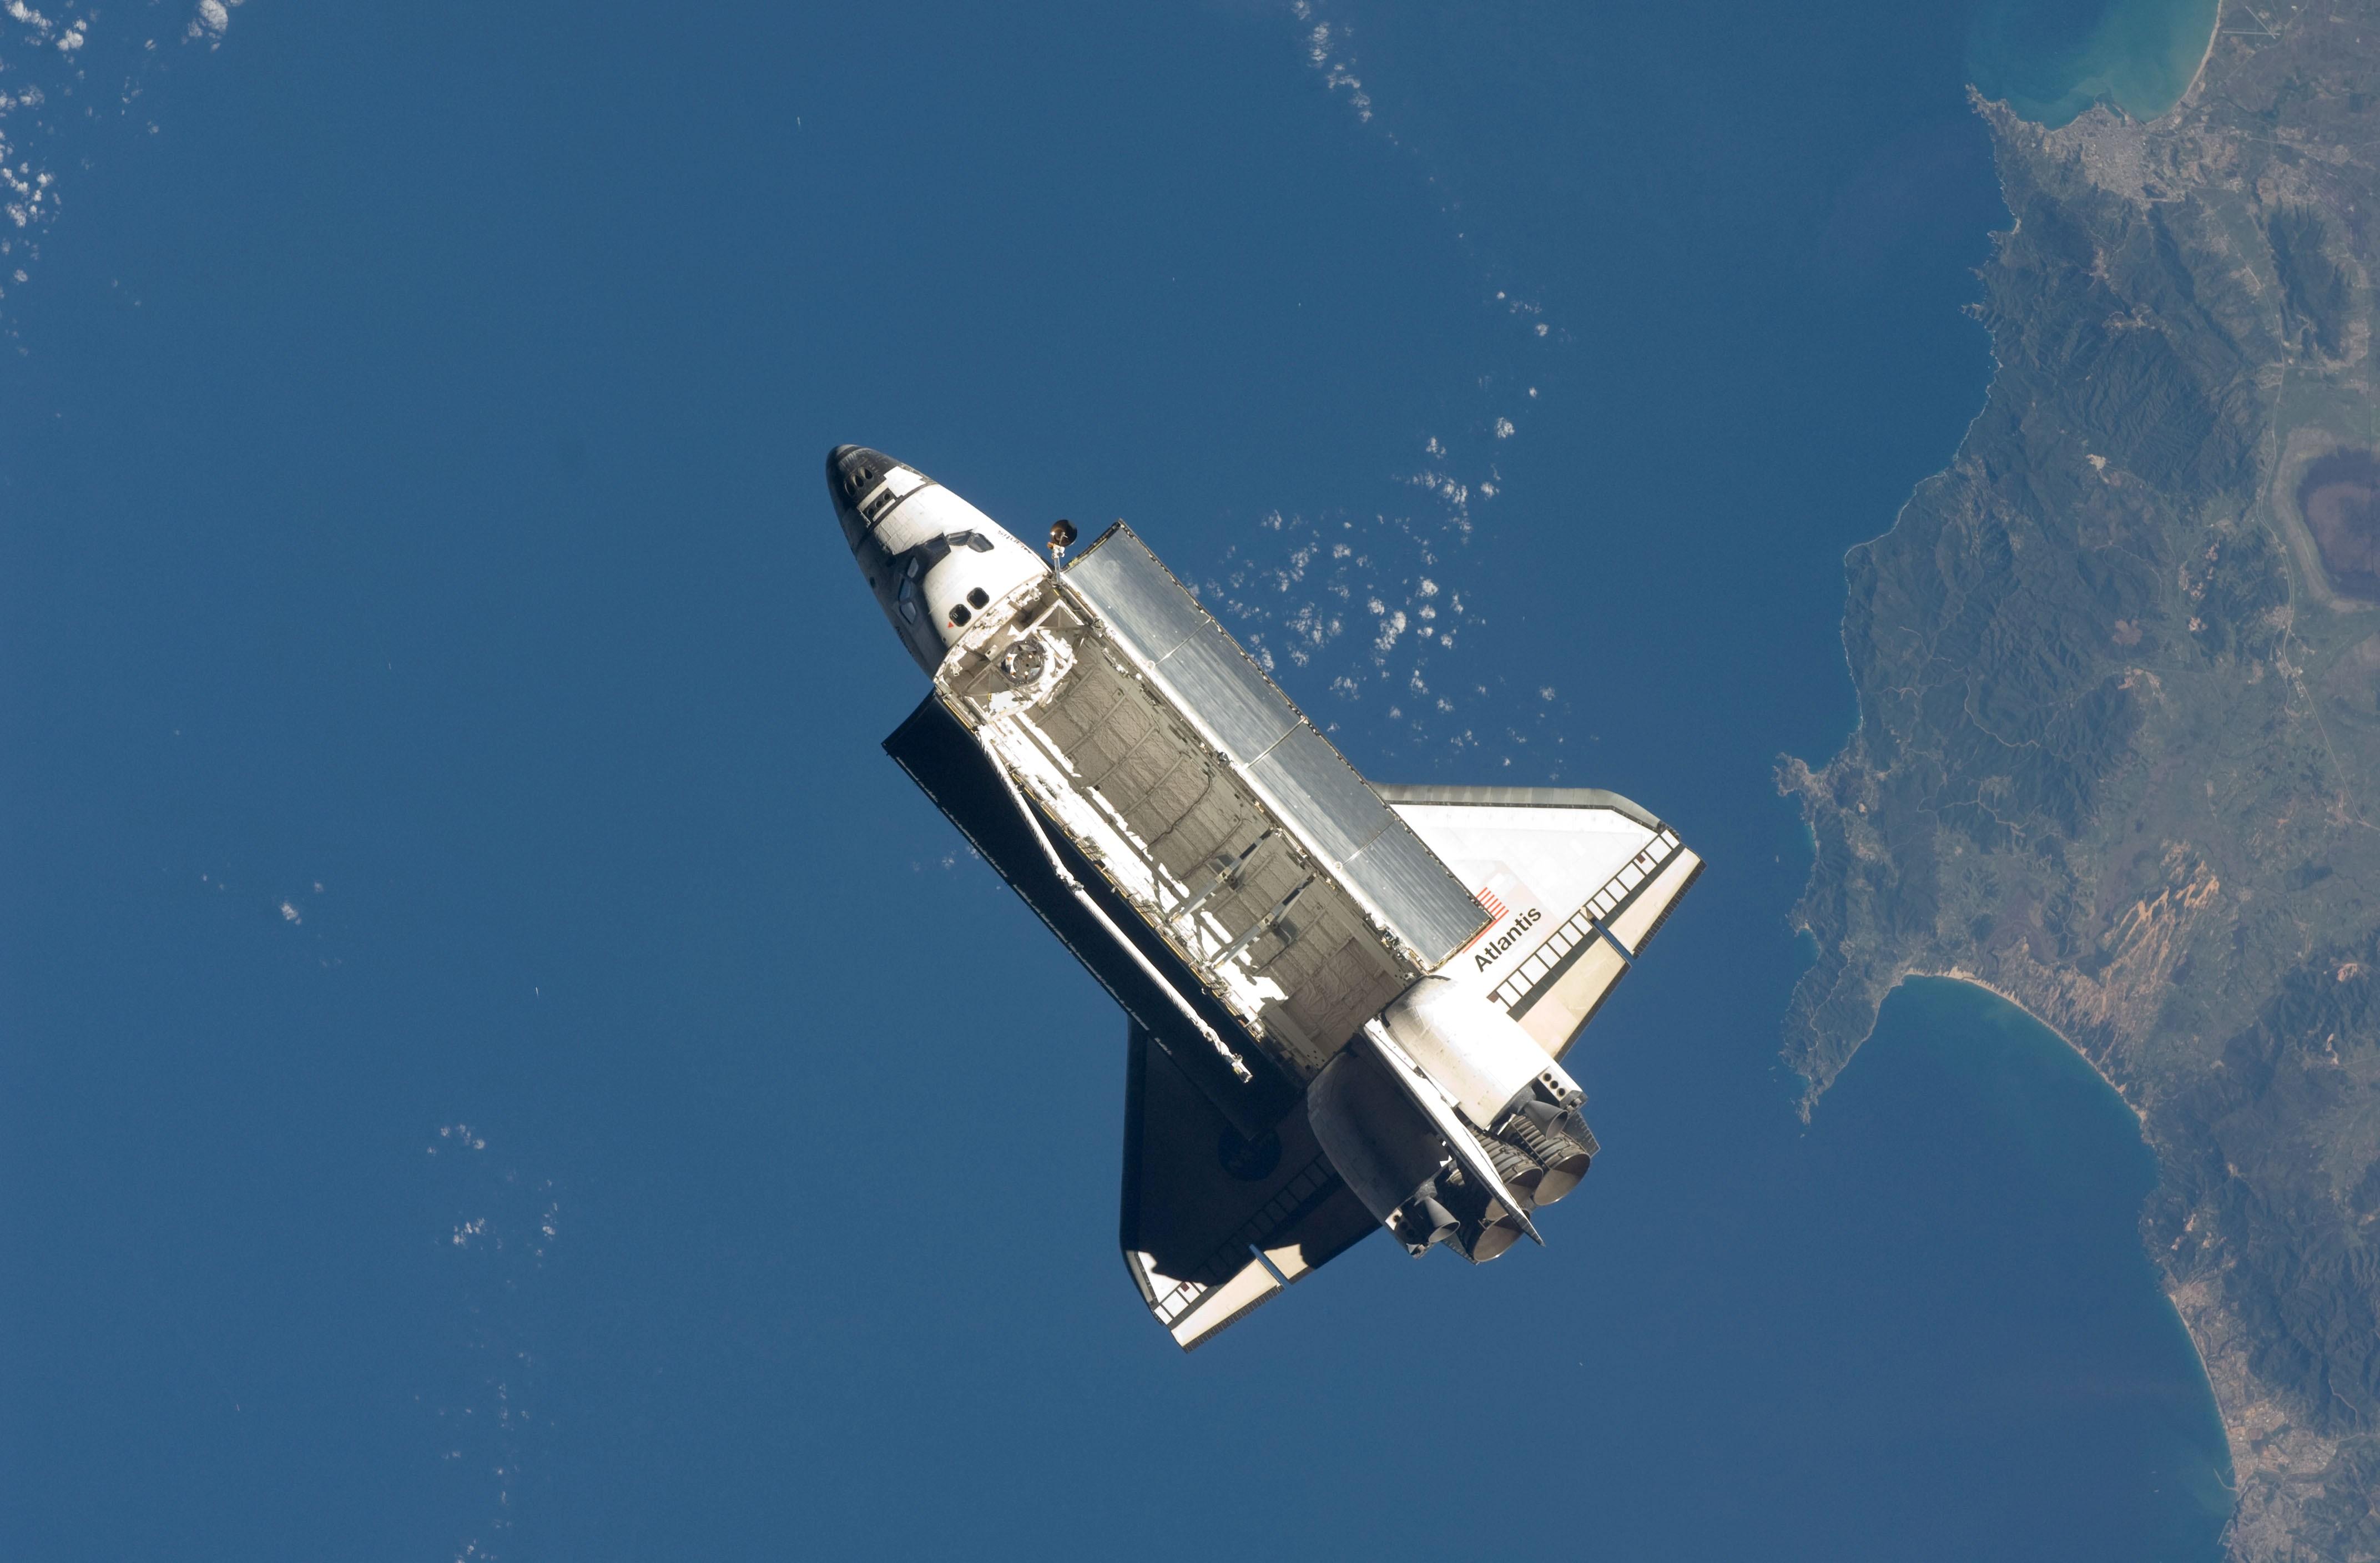 Aerial shot of Atlantis shuttle